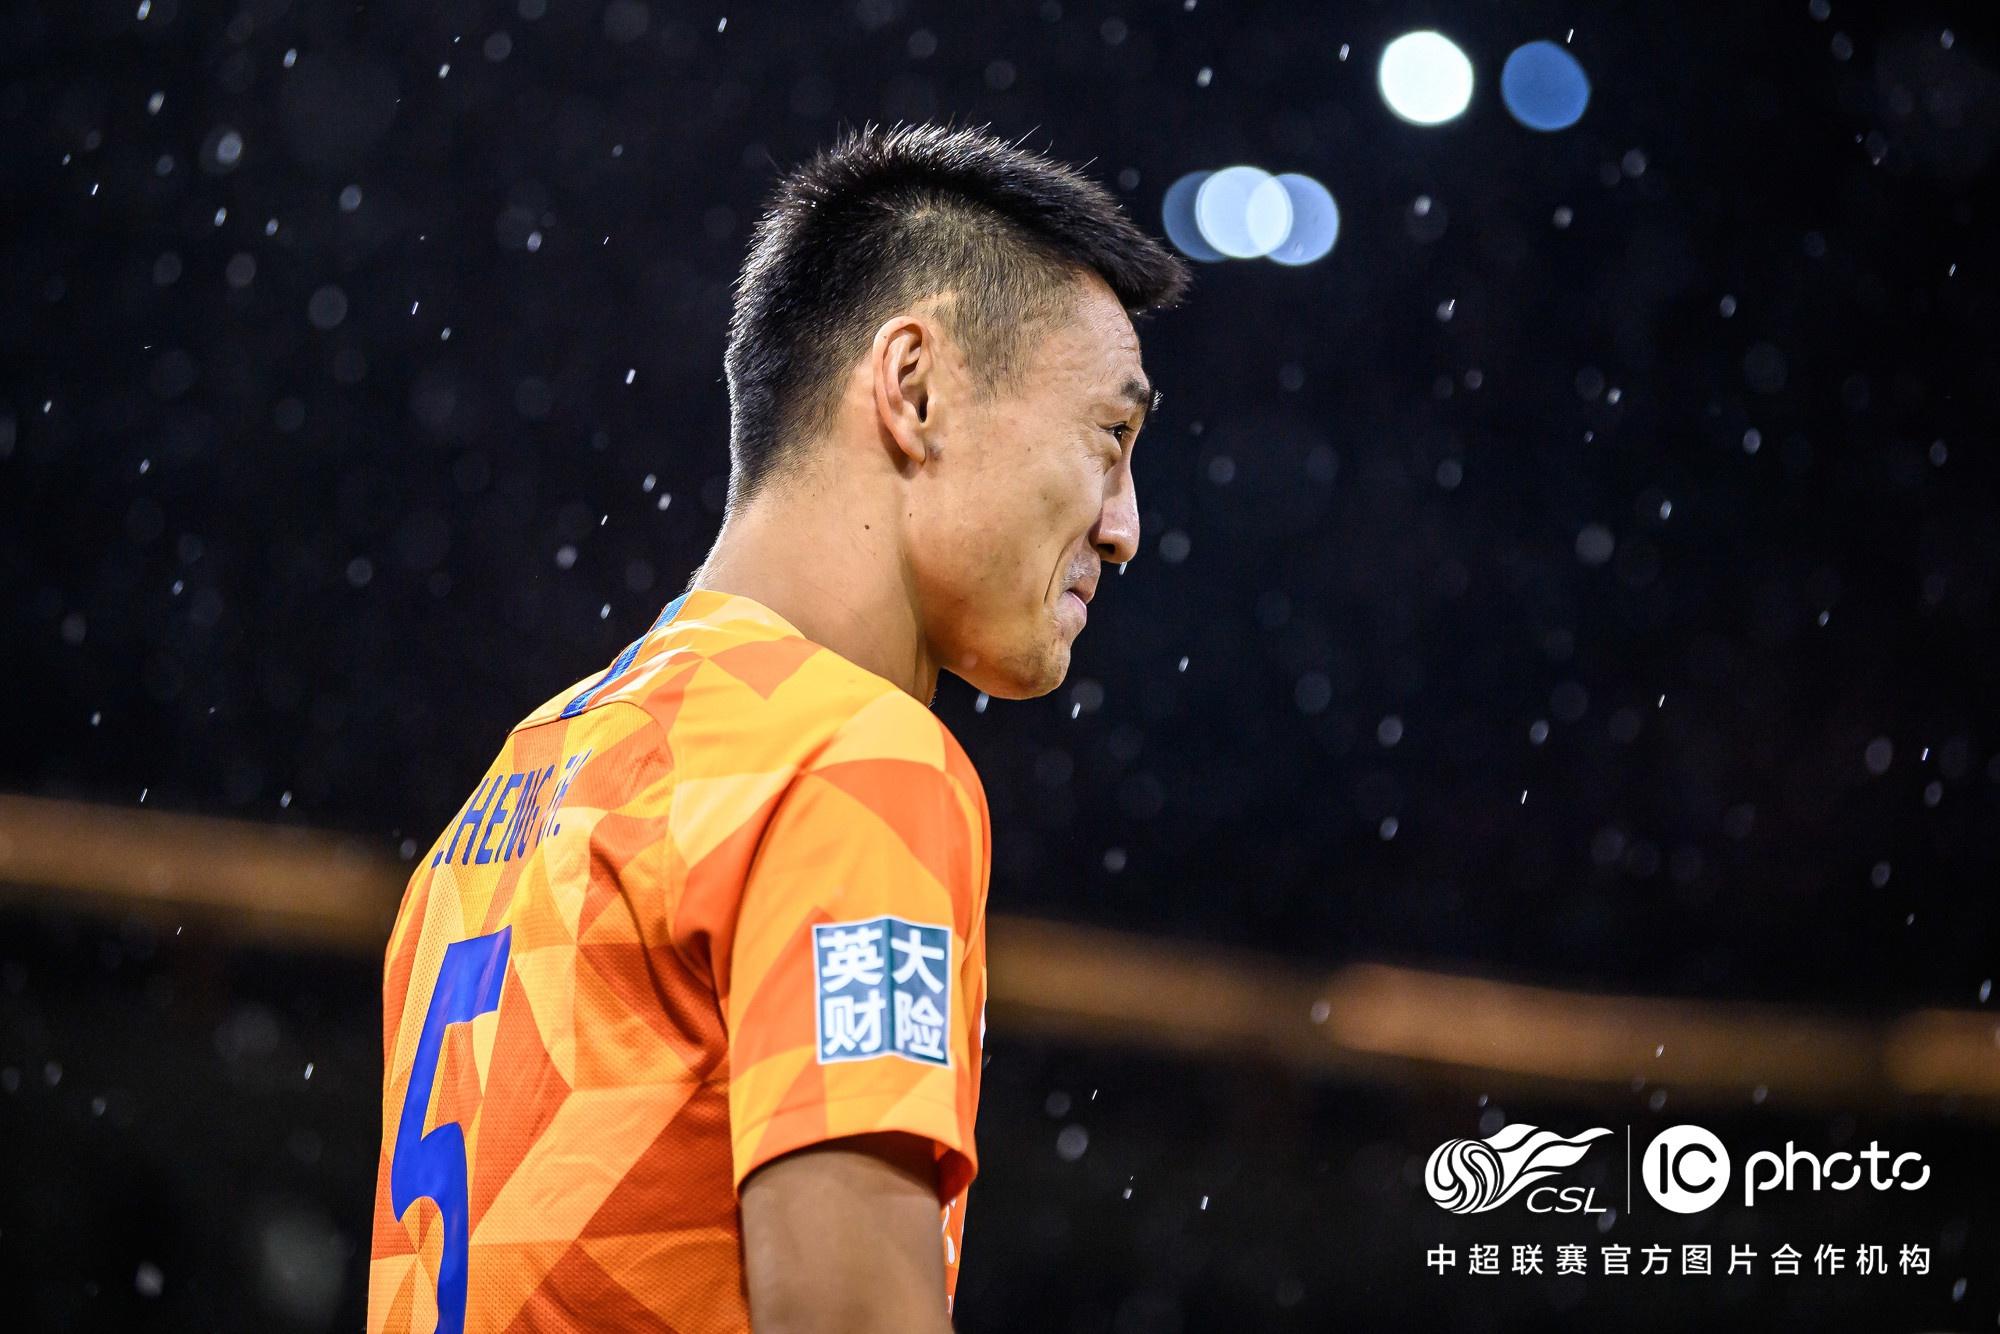 郑铮:近三场比赛最不该输大连,希望踢完恒大再迎转折 第1张